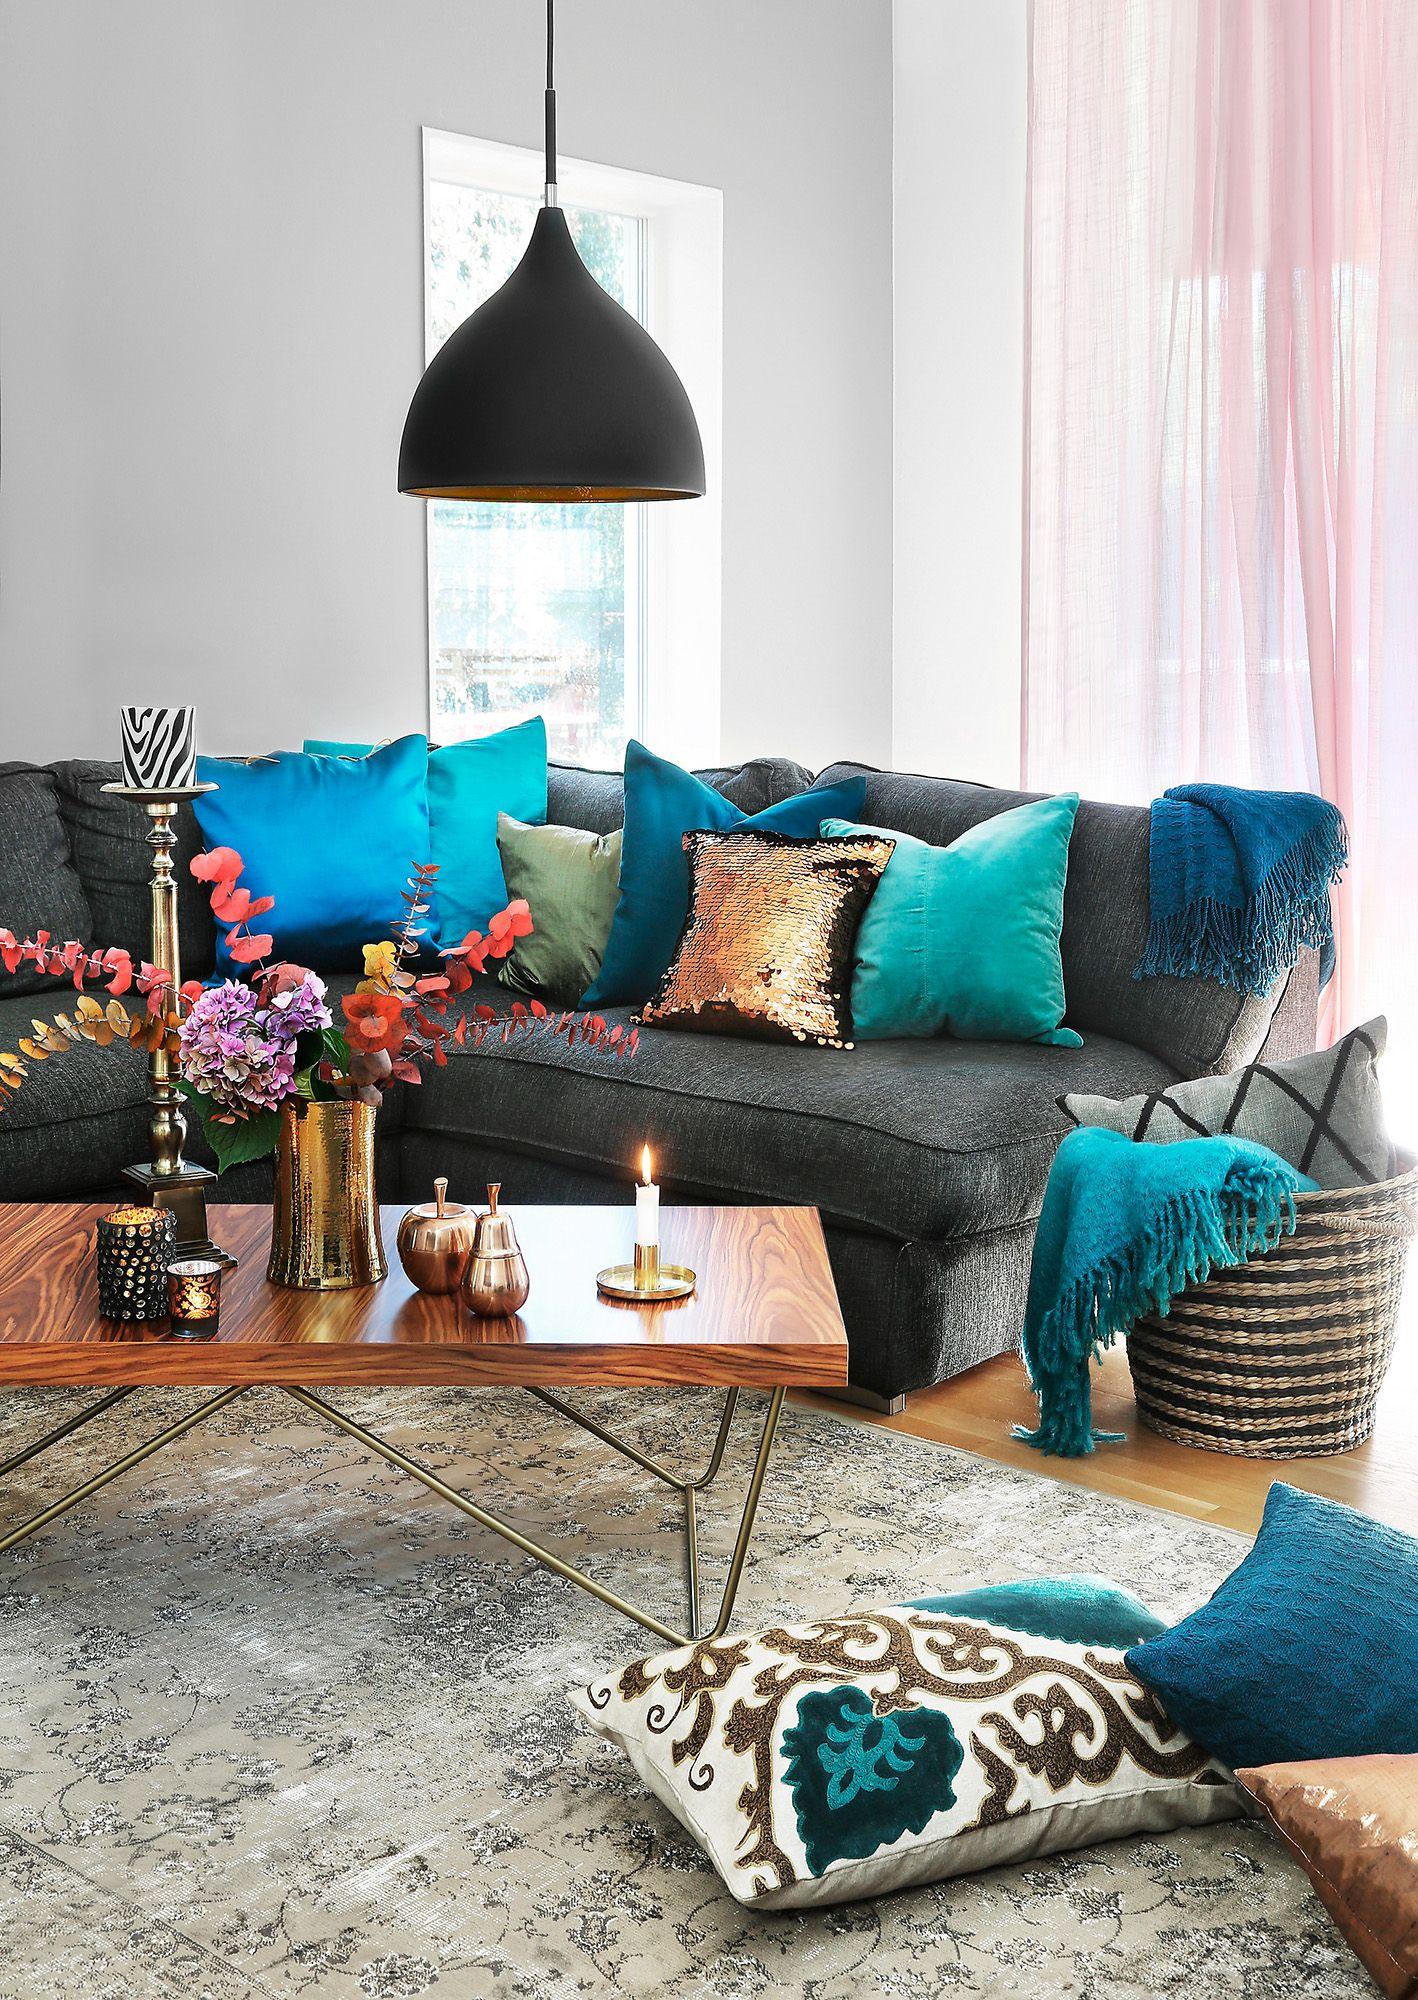 Raumgestaltung Wohnzimmer Ikea Couchtisch Wohnkultur Rume Der Kaffee Unsere Zuhause